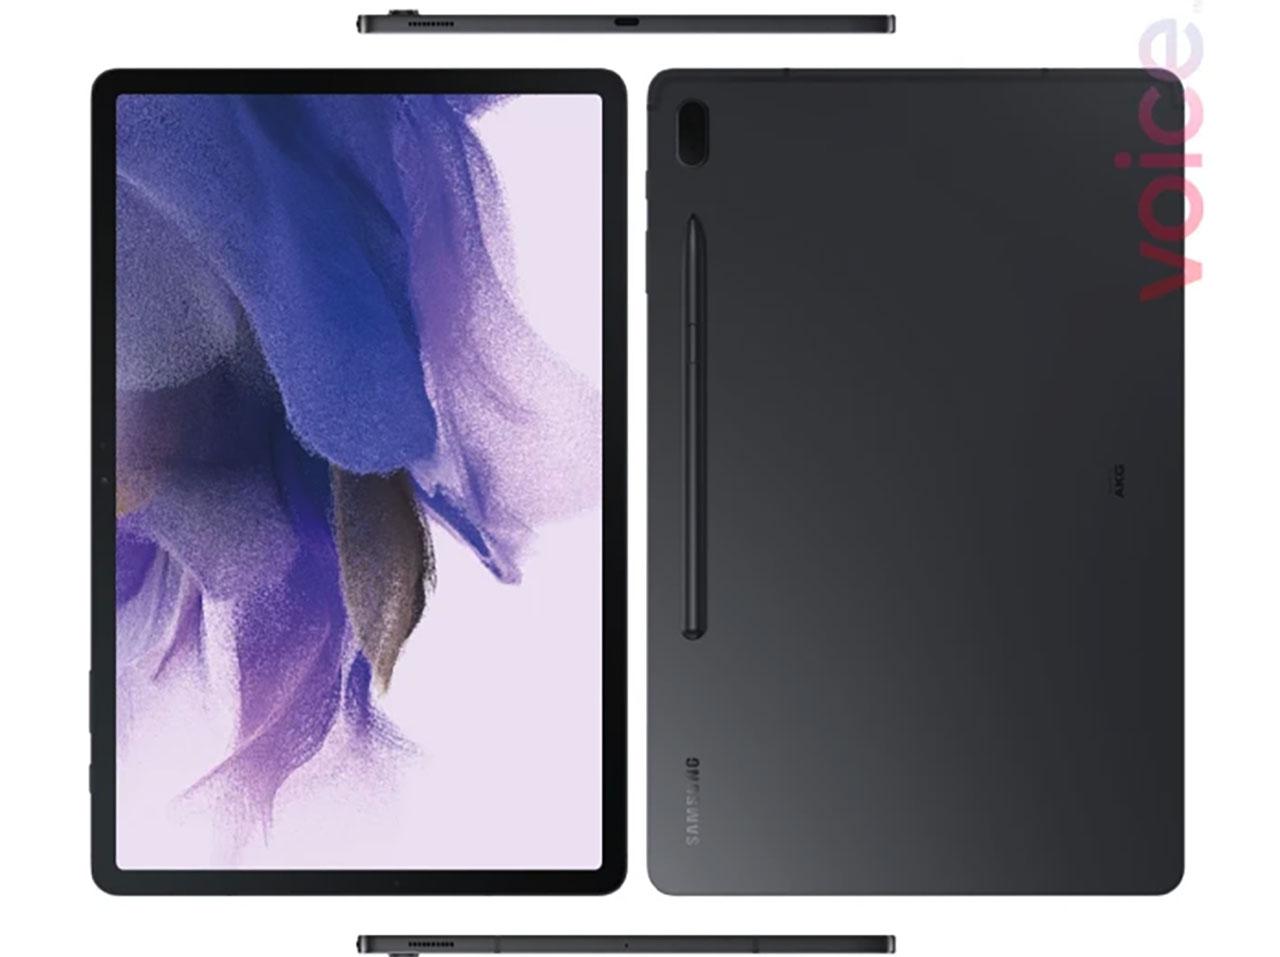 La Galaxy Tab S7 Lite 5G vue sous tous les angles - crédits Evan Blass